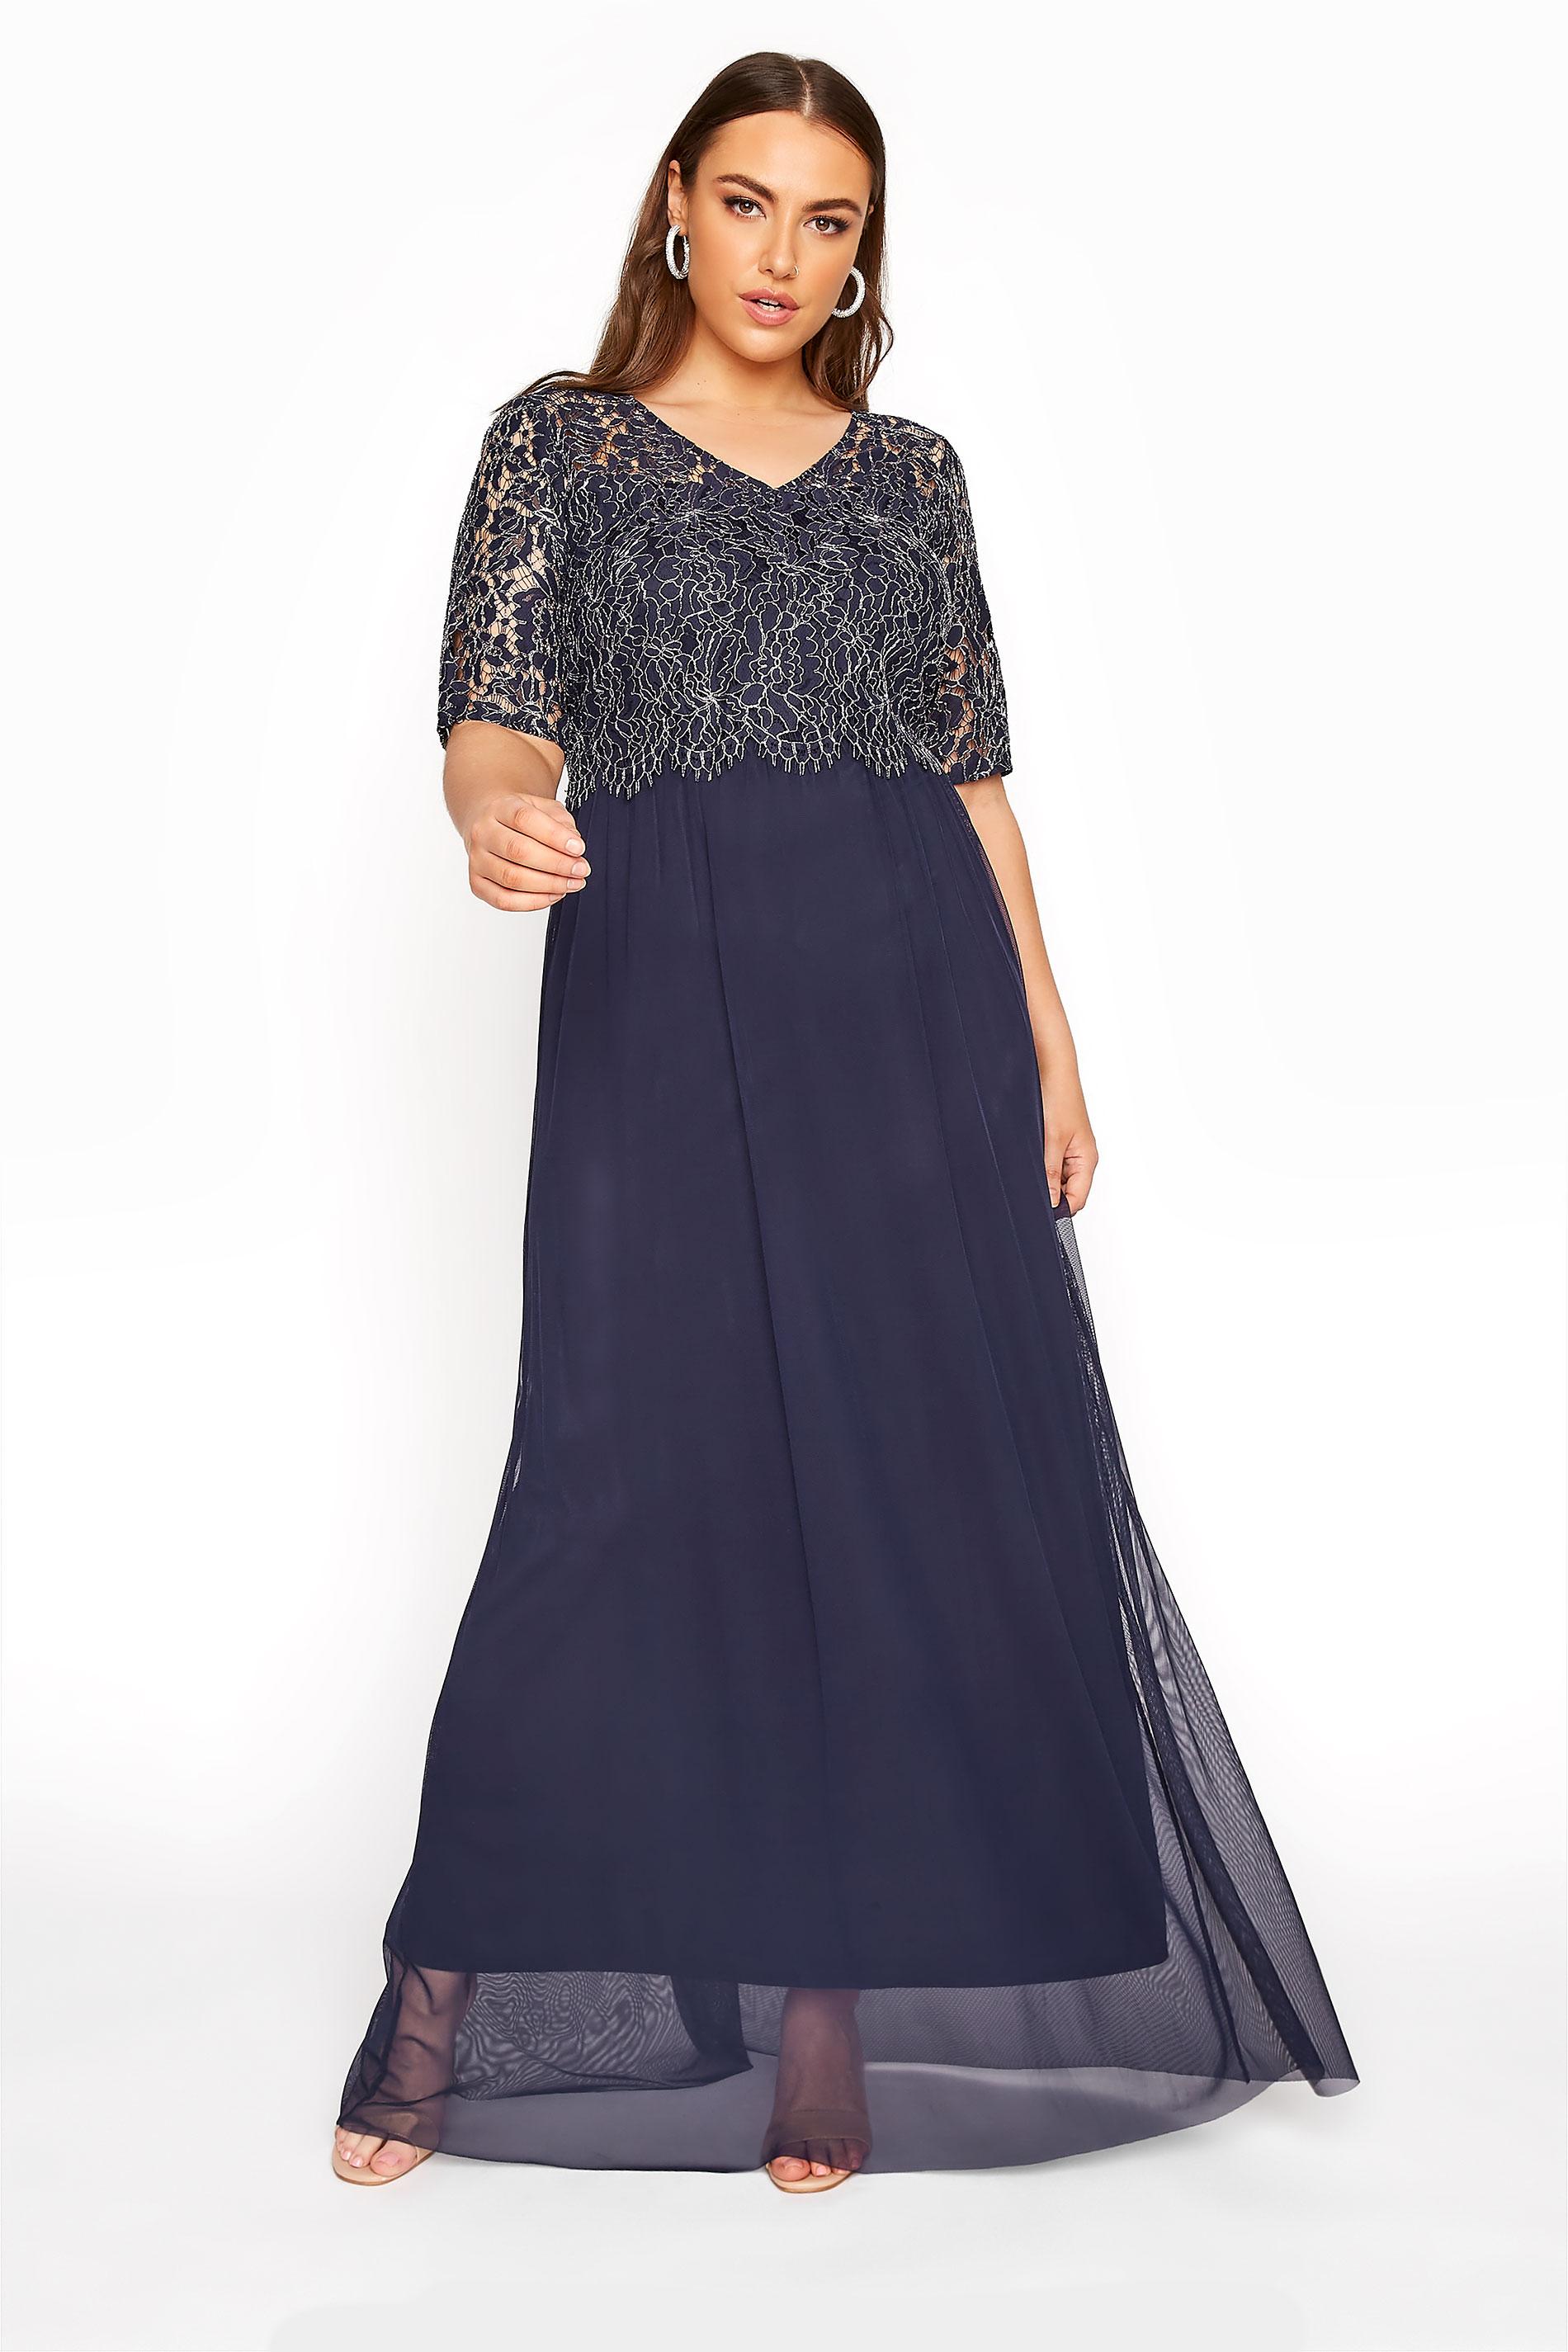 Navy Lace Overlay Short Sleeve Maxi Dress